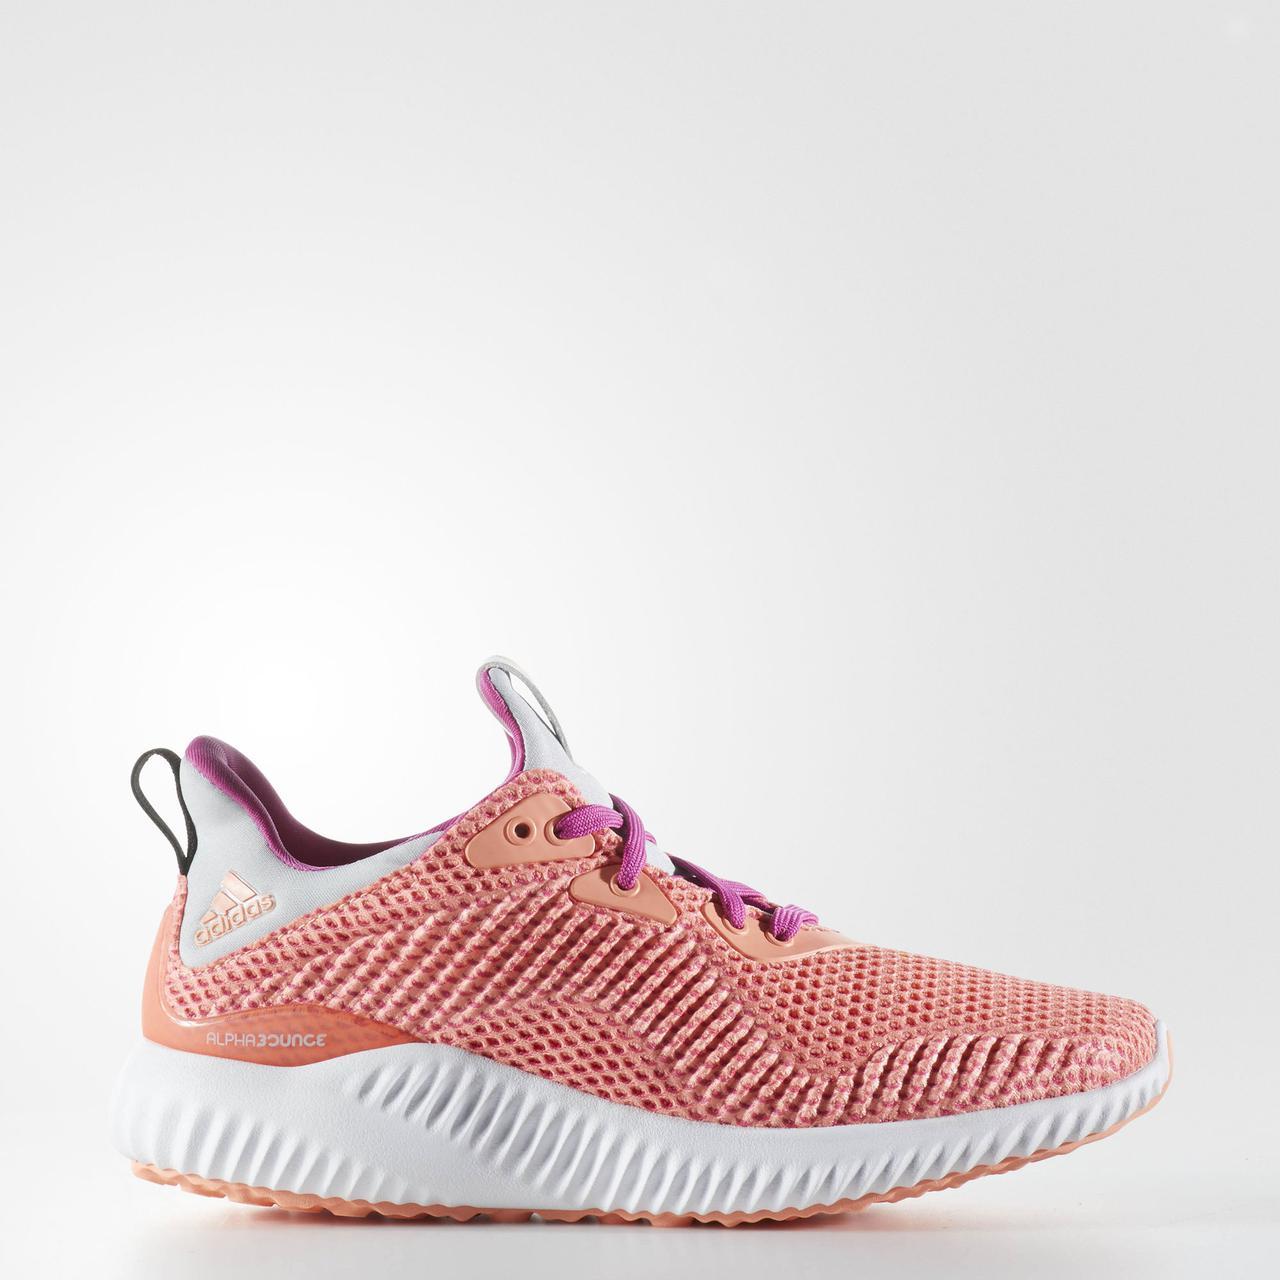 Кроссовки для бега Alphabounce, фото 1